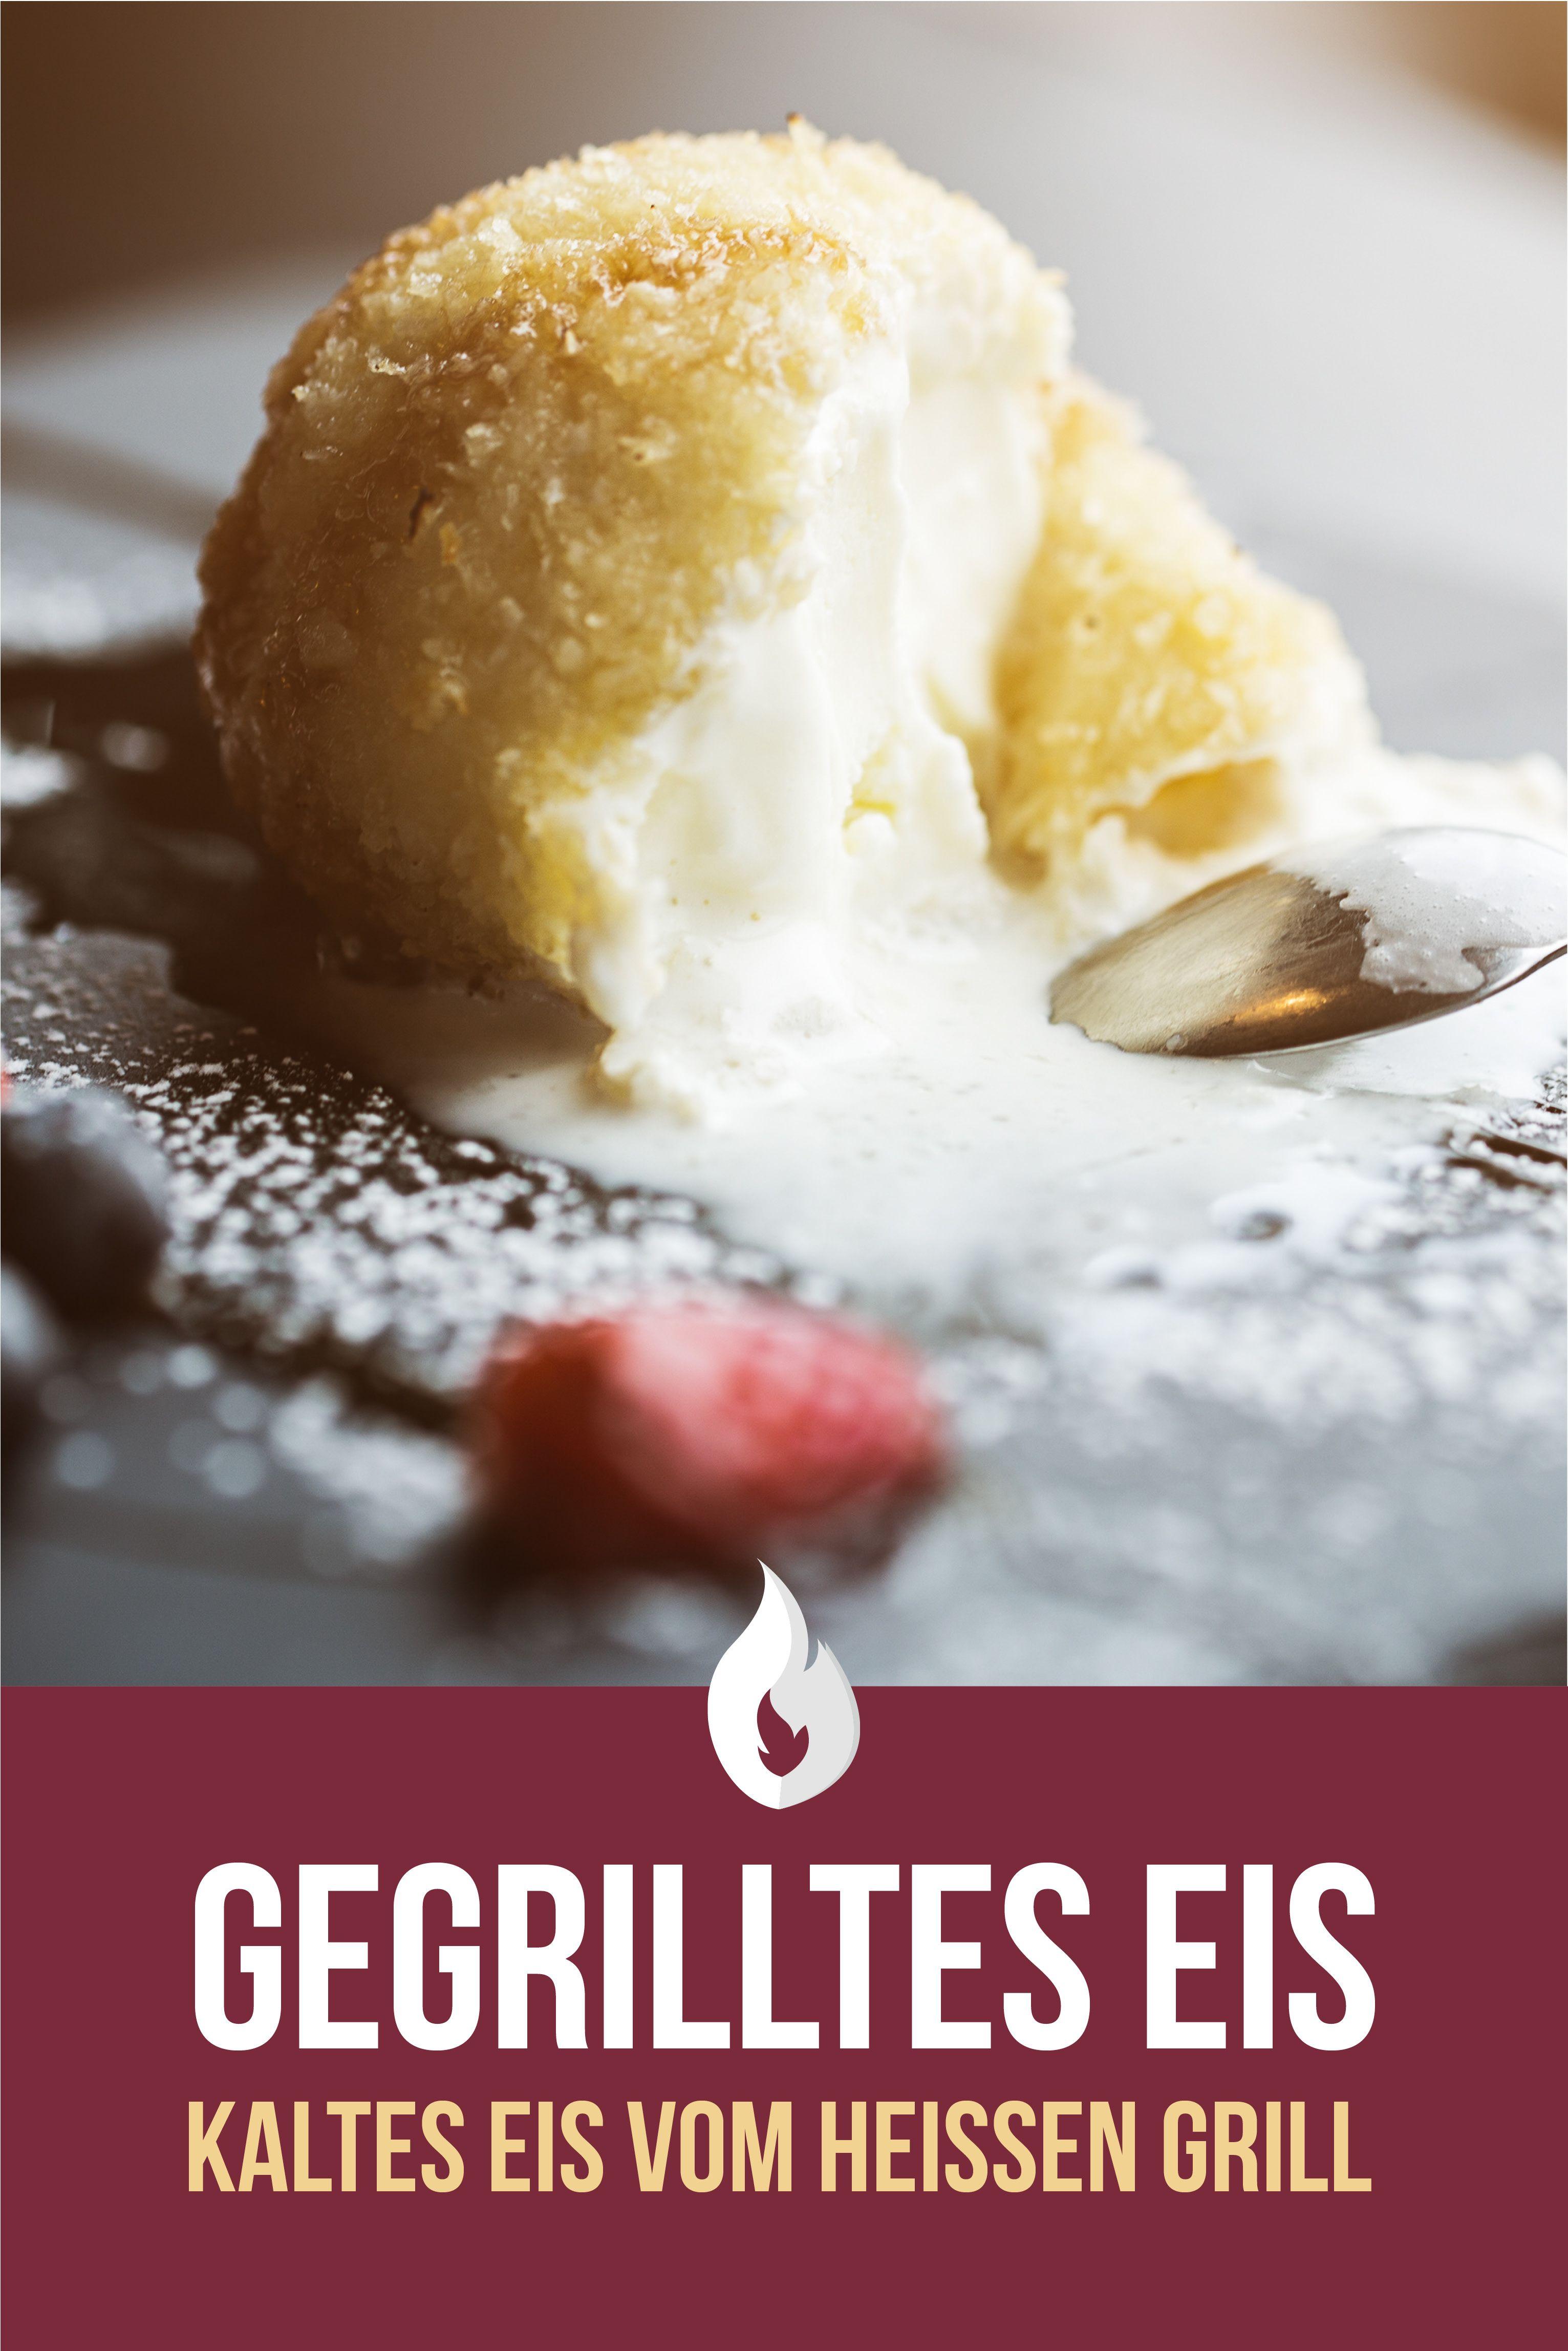 Gegrilltes Eis Grill Dessert